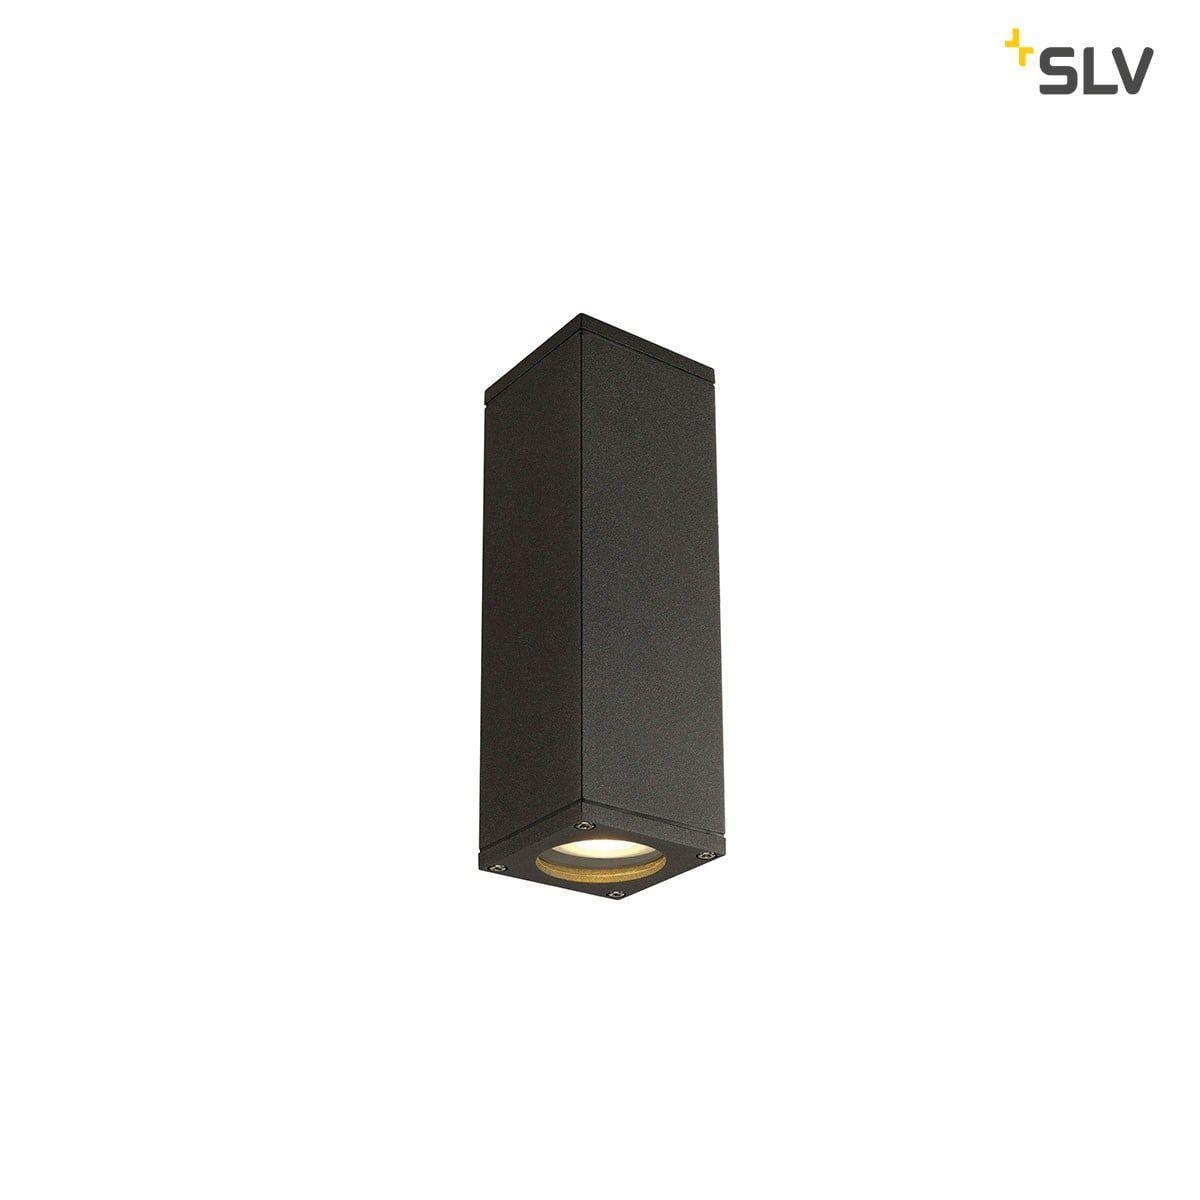 Lampe Ohne Stromanschluss